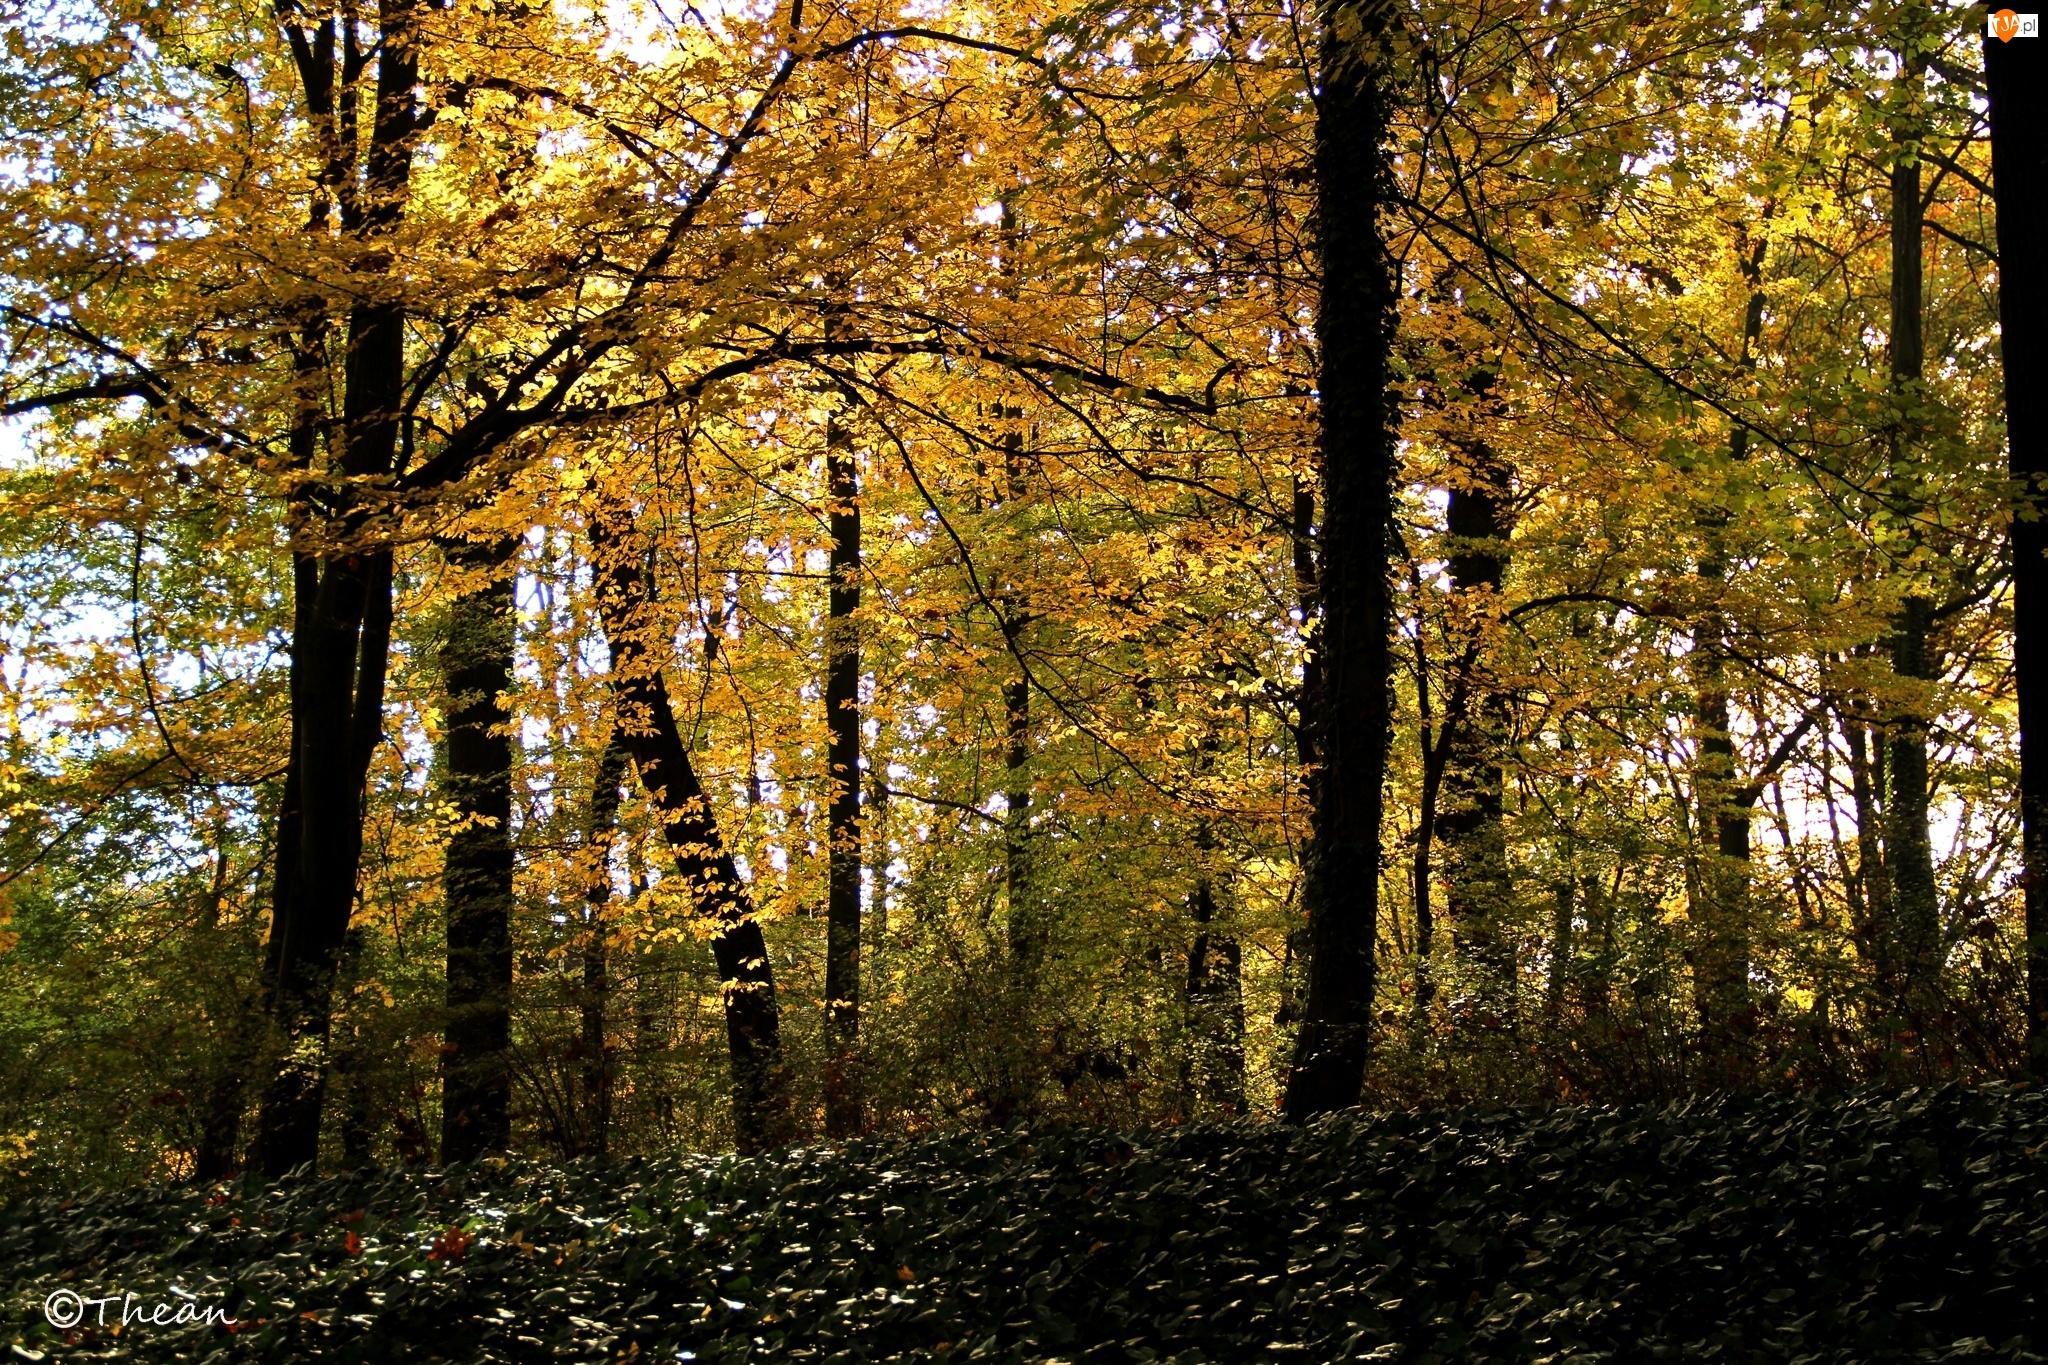 Jesień, Park, Liście, Żółte, Drzewa